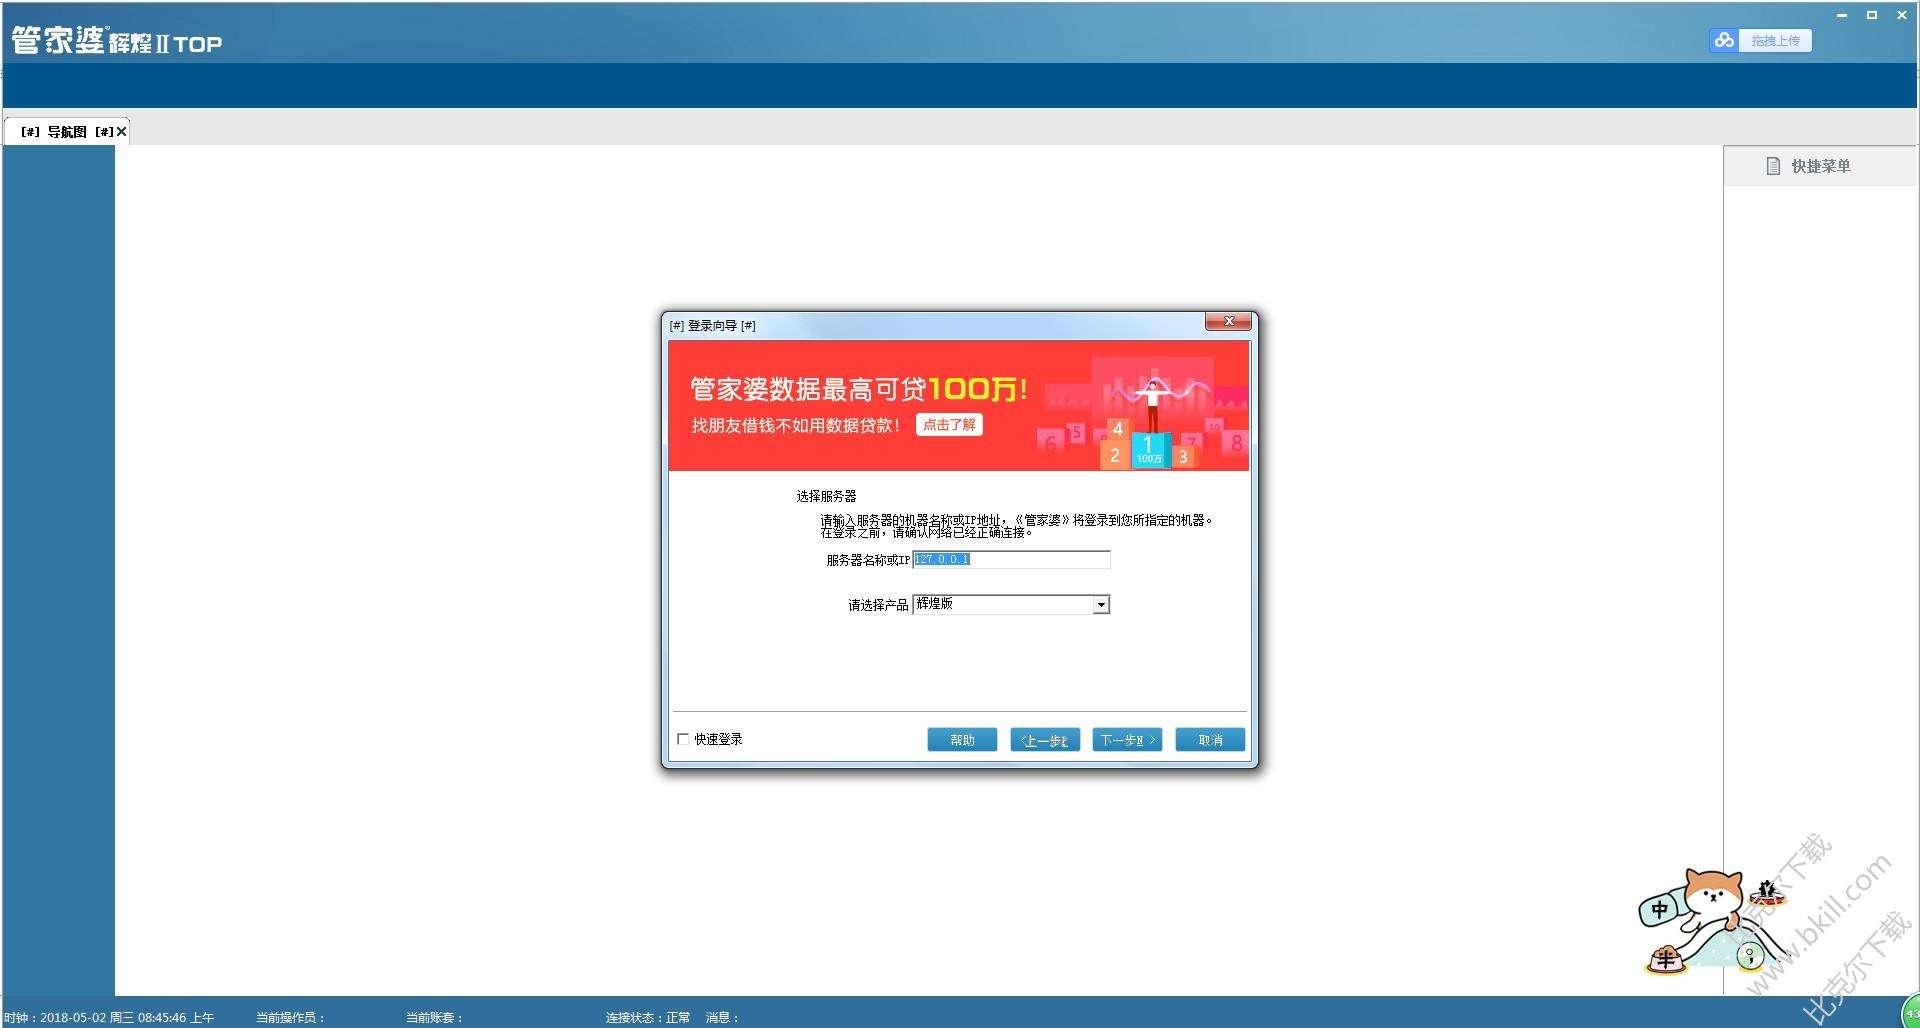 信阳市可靠的管家婆软件通用辉煌ERP供应